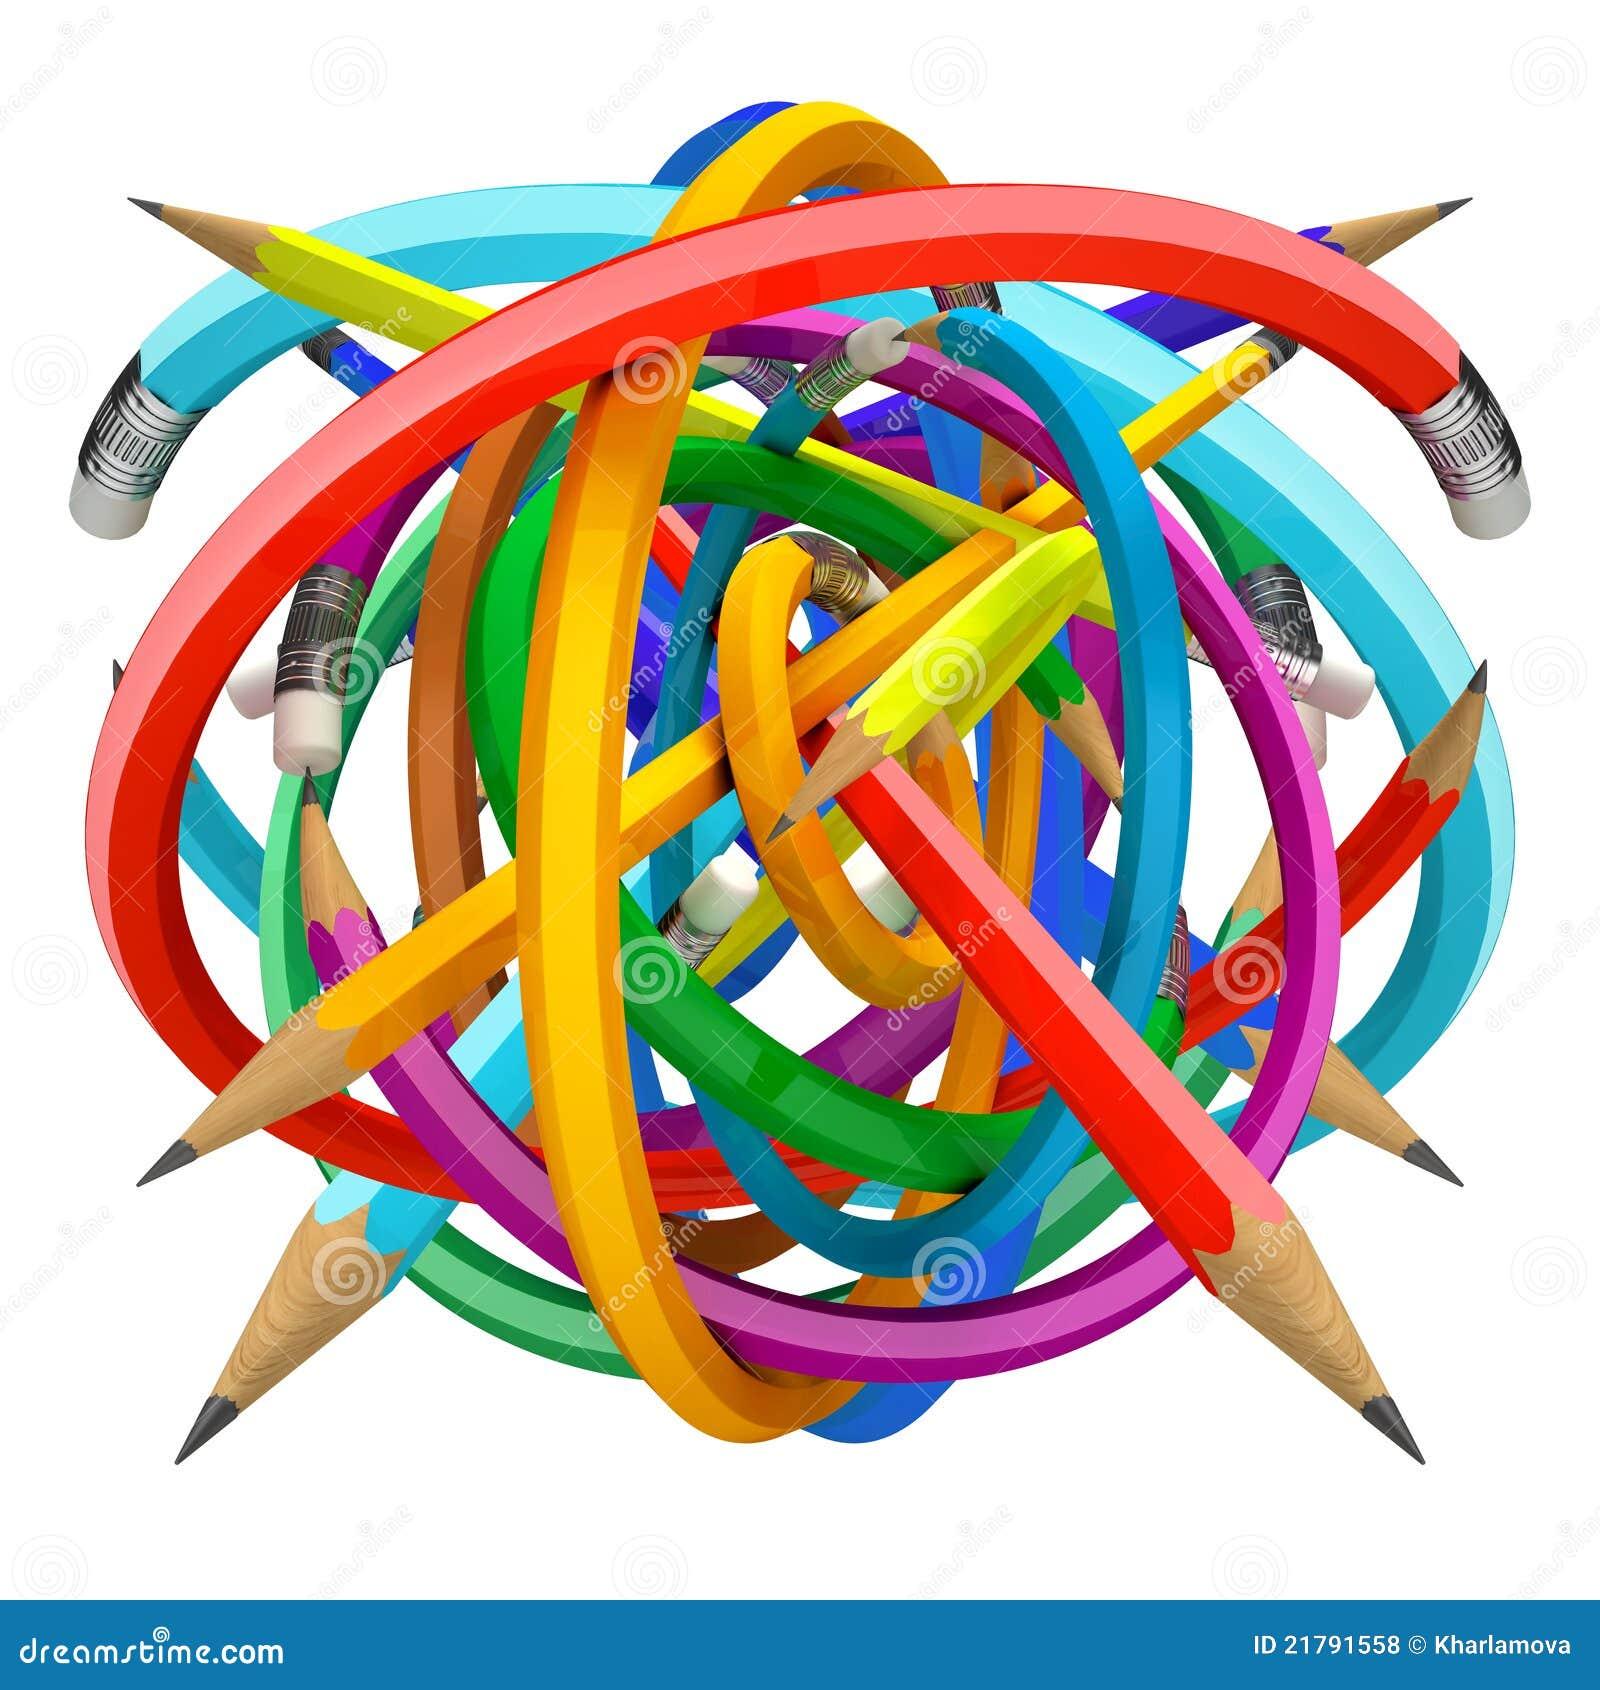 Crayons ball